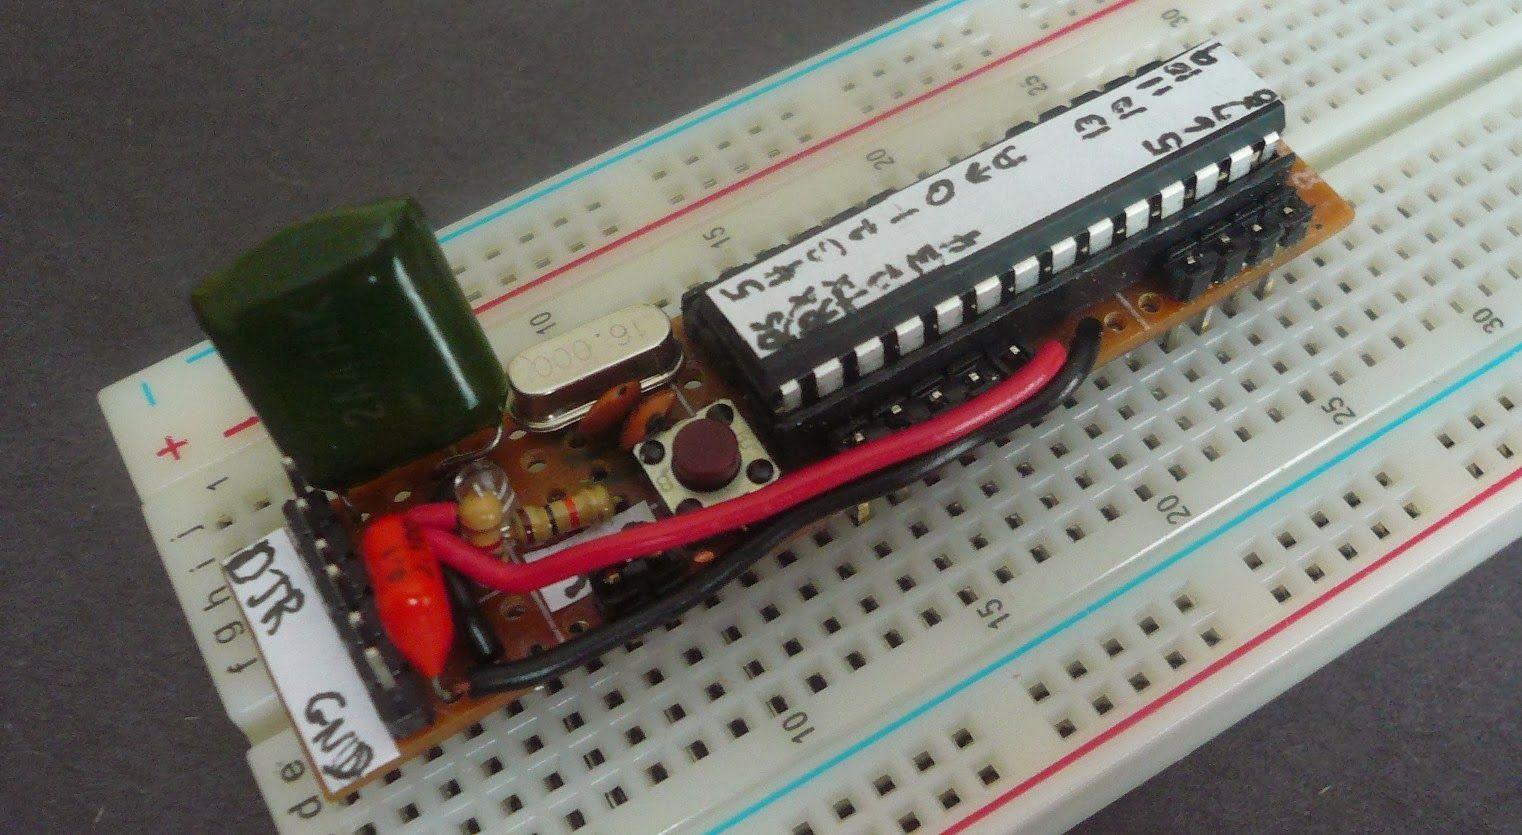 Fabrication d'un Arduino conçu pour utilisation sur